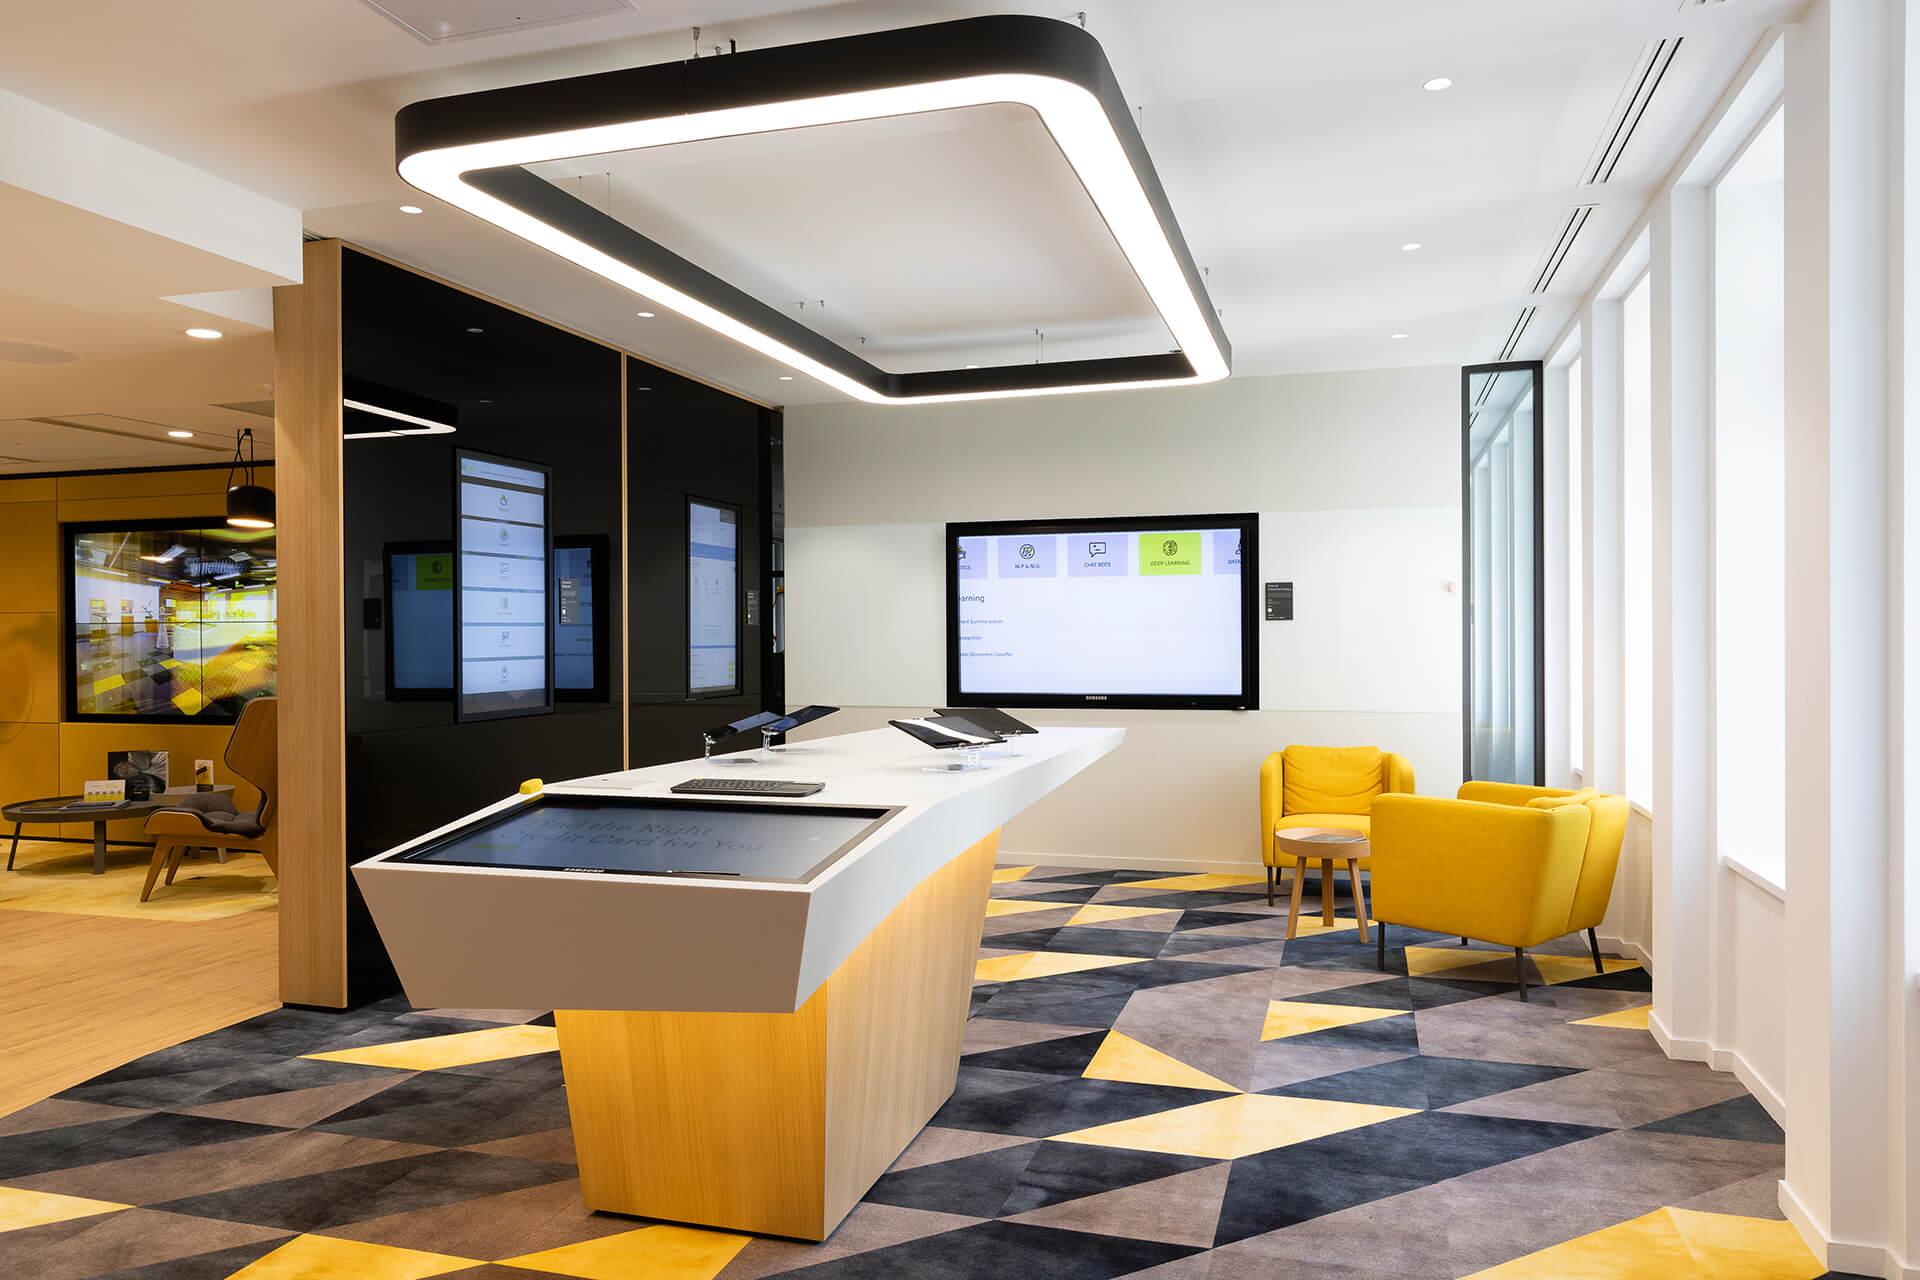 projeto krion para espaço de reuniões